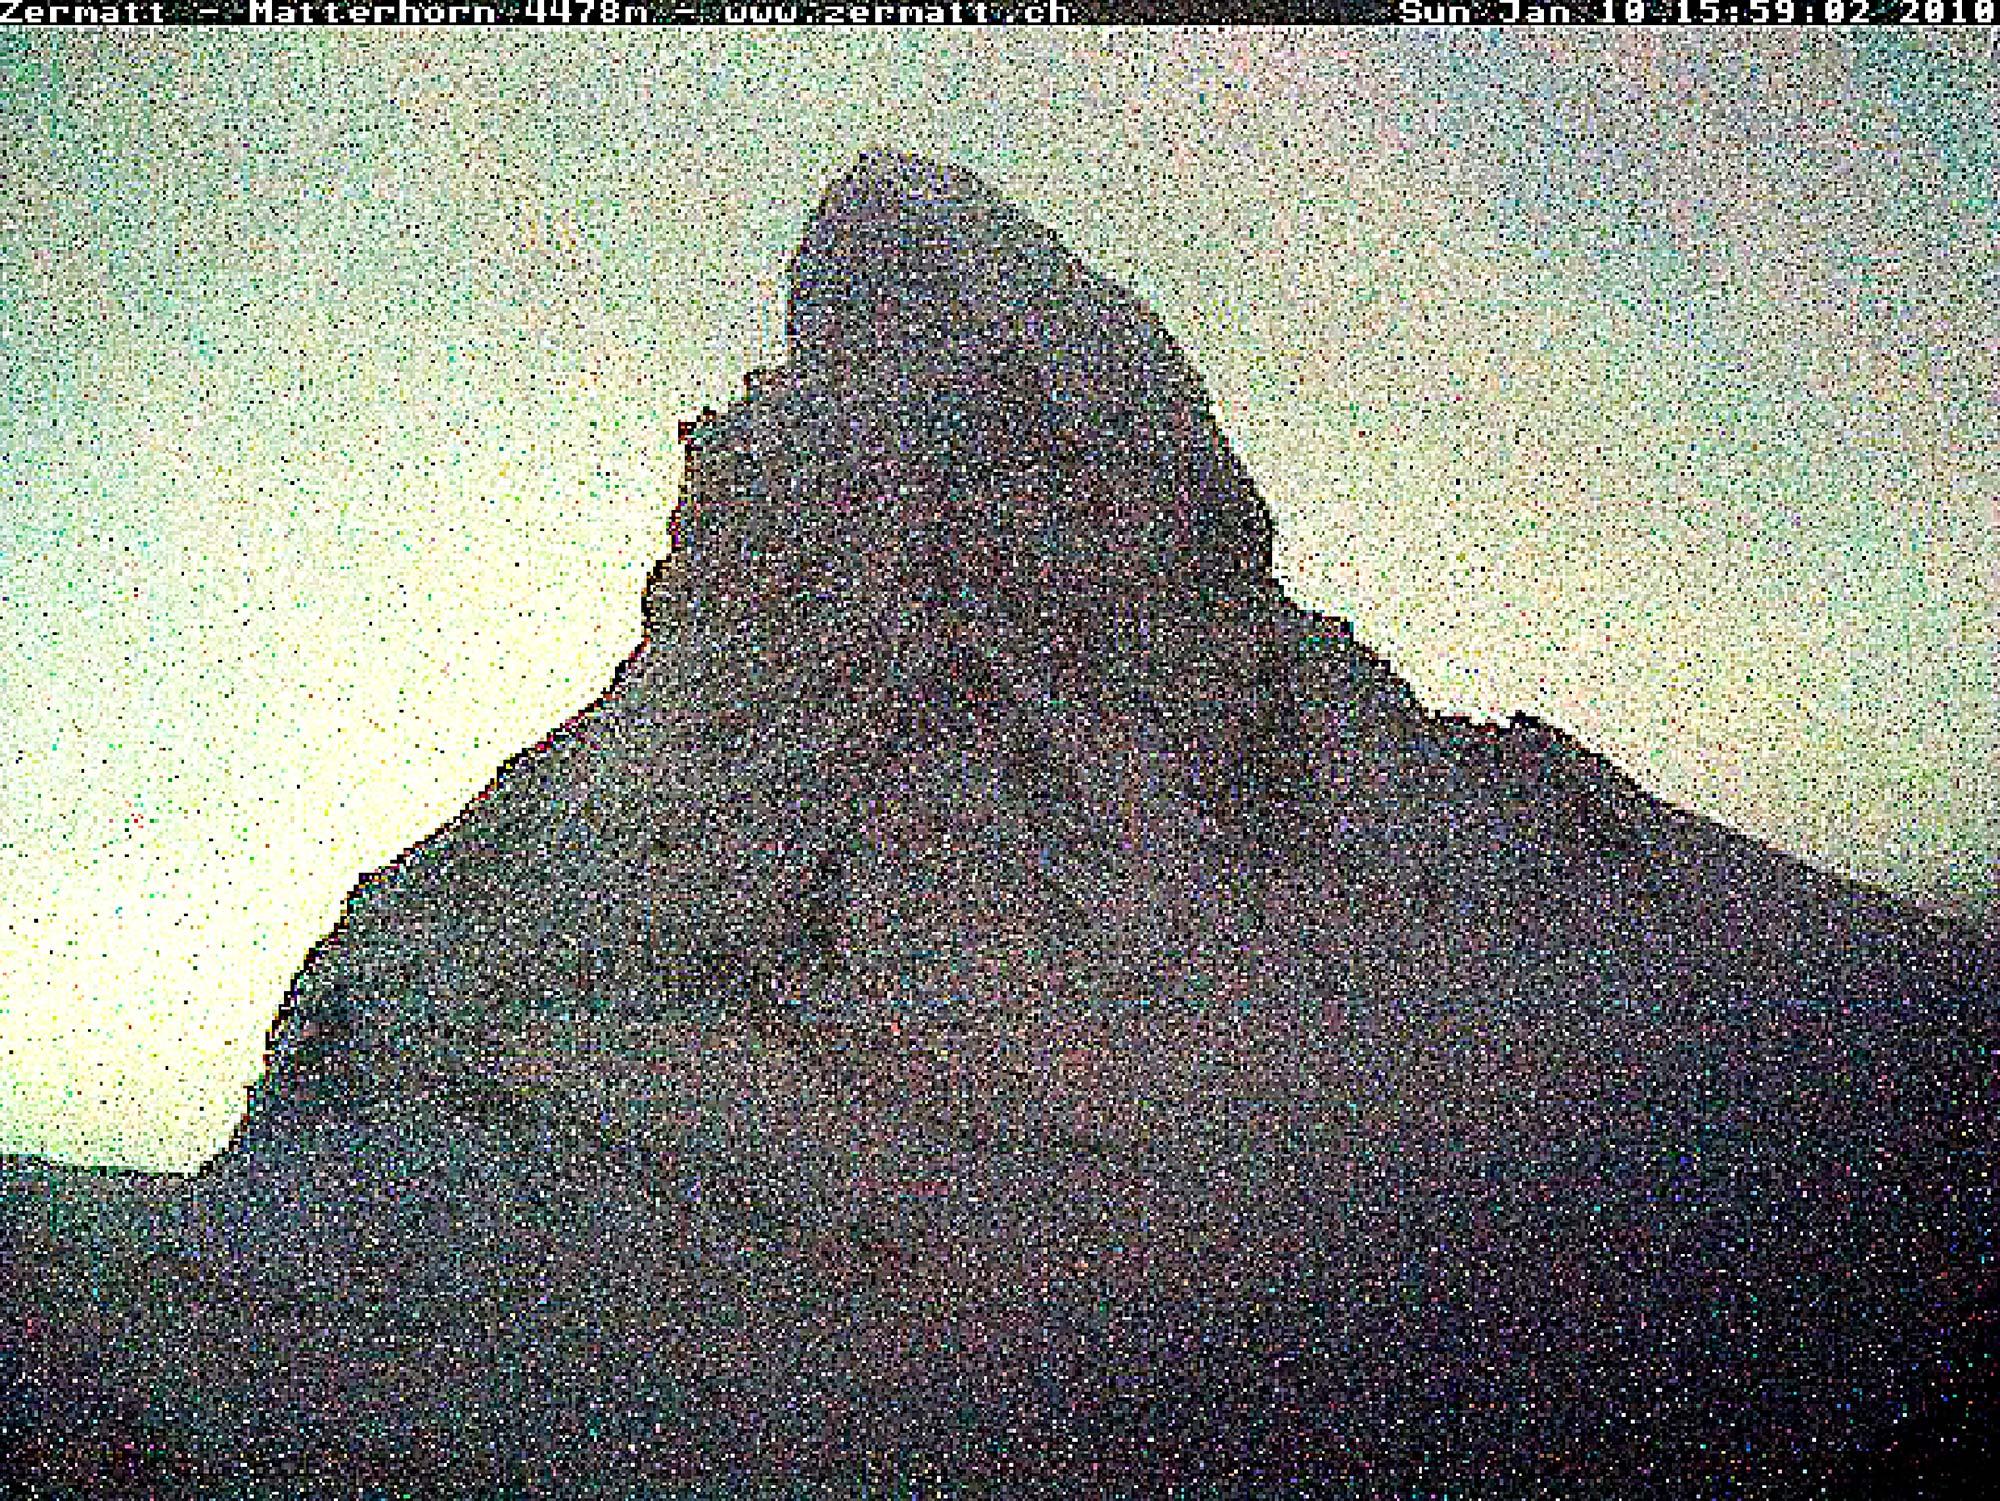 #0139 Matterhorn 2010 01 10